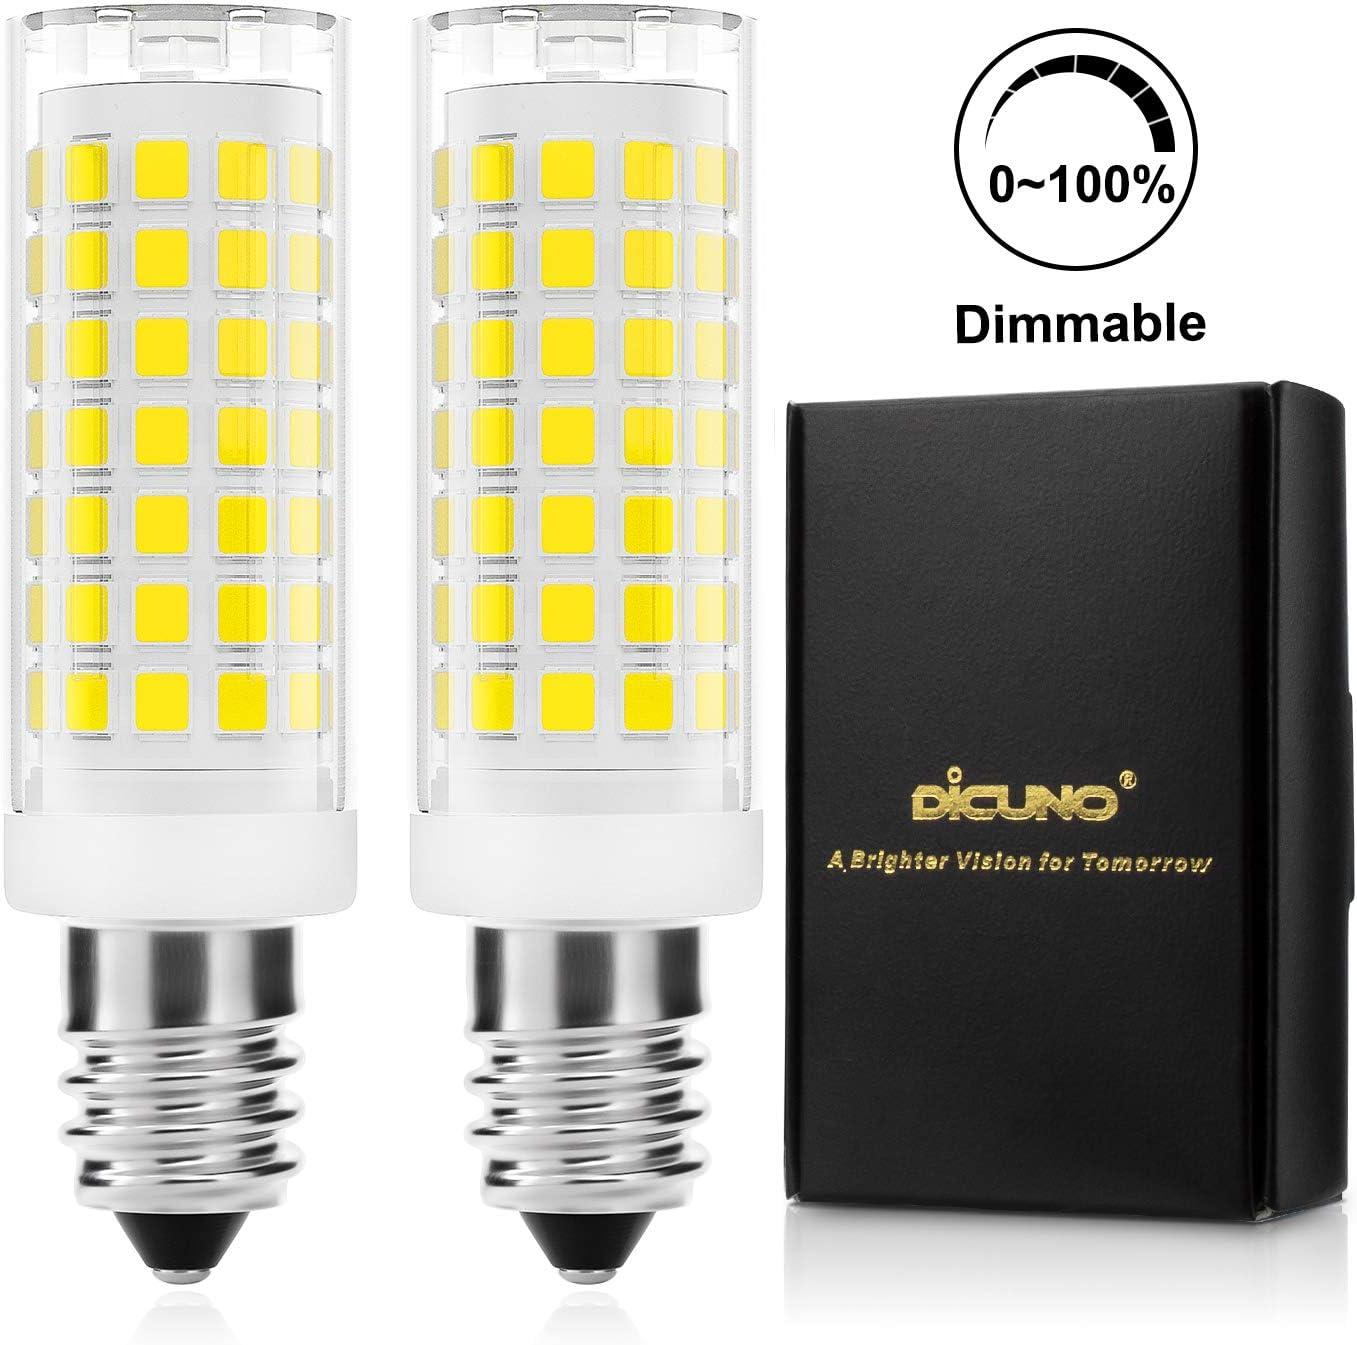 DiCUNO E14 4W LED Bombilla regulable, Blanco frío 5000K, 430LM, 220V, Horno microondas, Bombillas halógenas equivalentes de 40 W, E14 base estándar, 2 piezas: Amazon.es: Iluminación